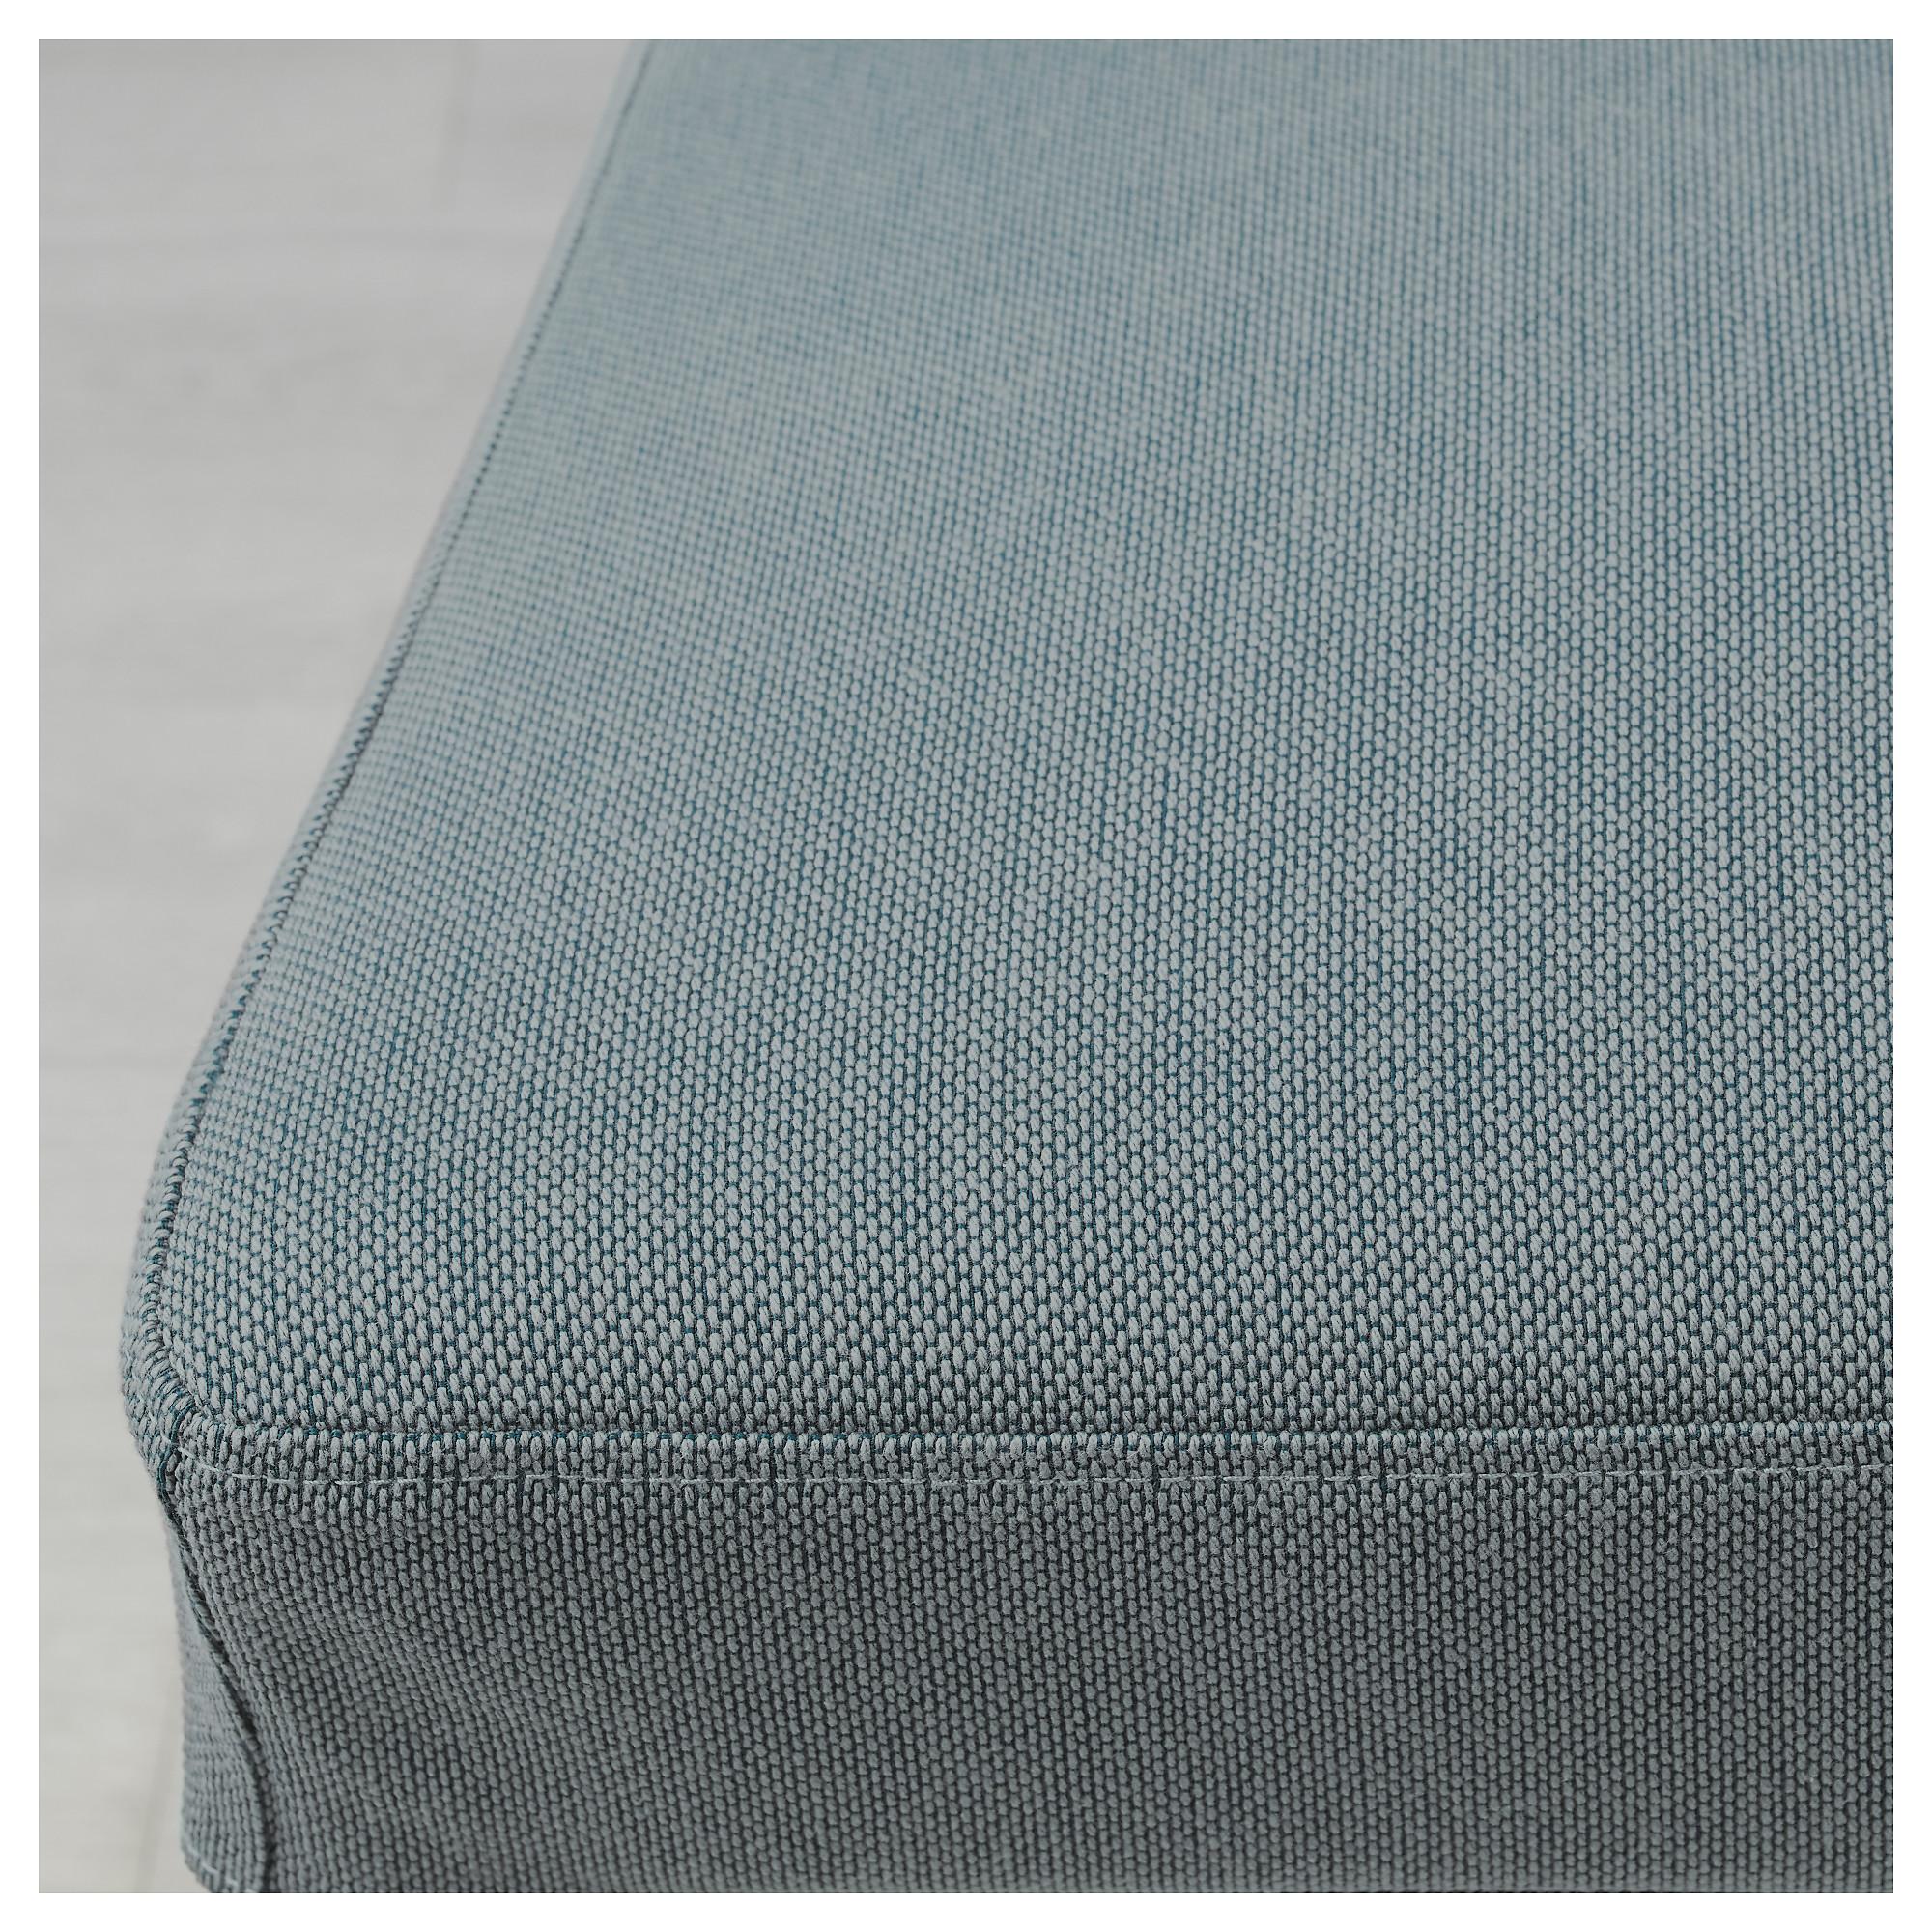 Чехол на сиденье стула фото